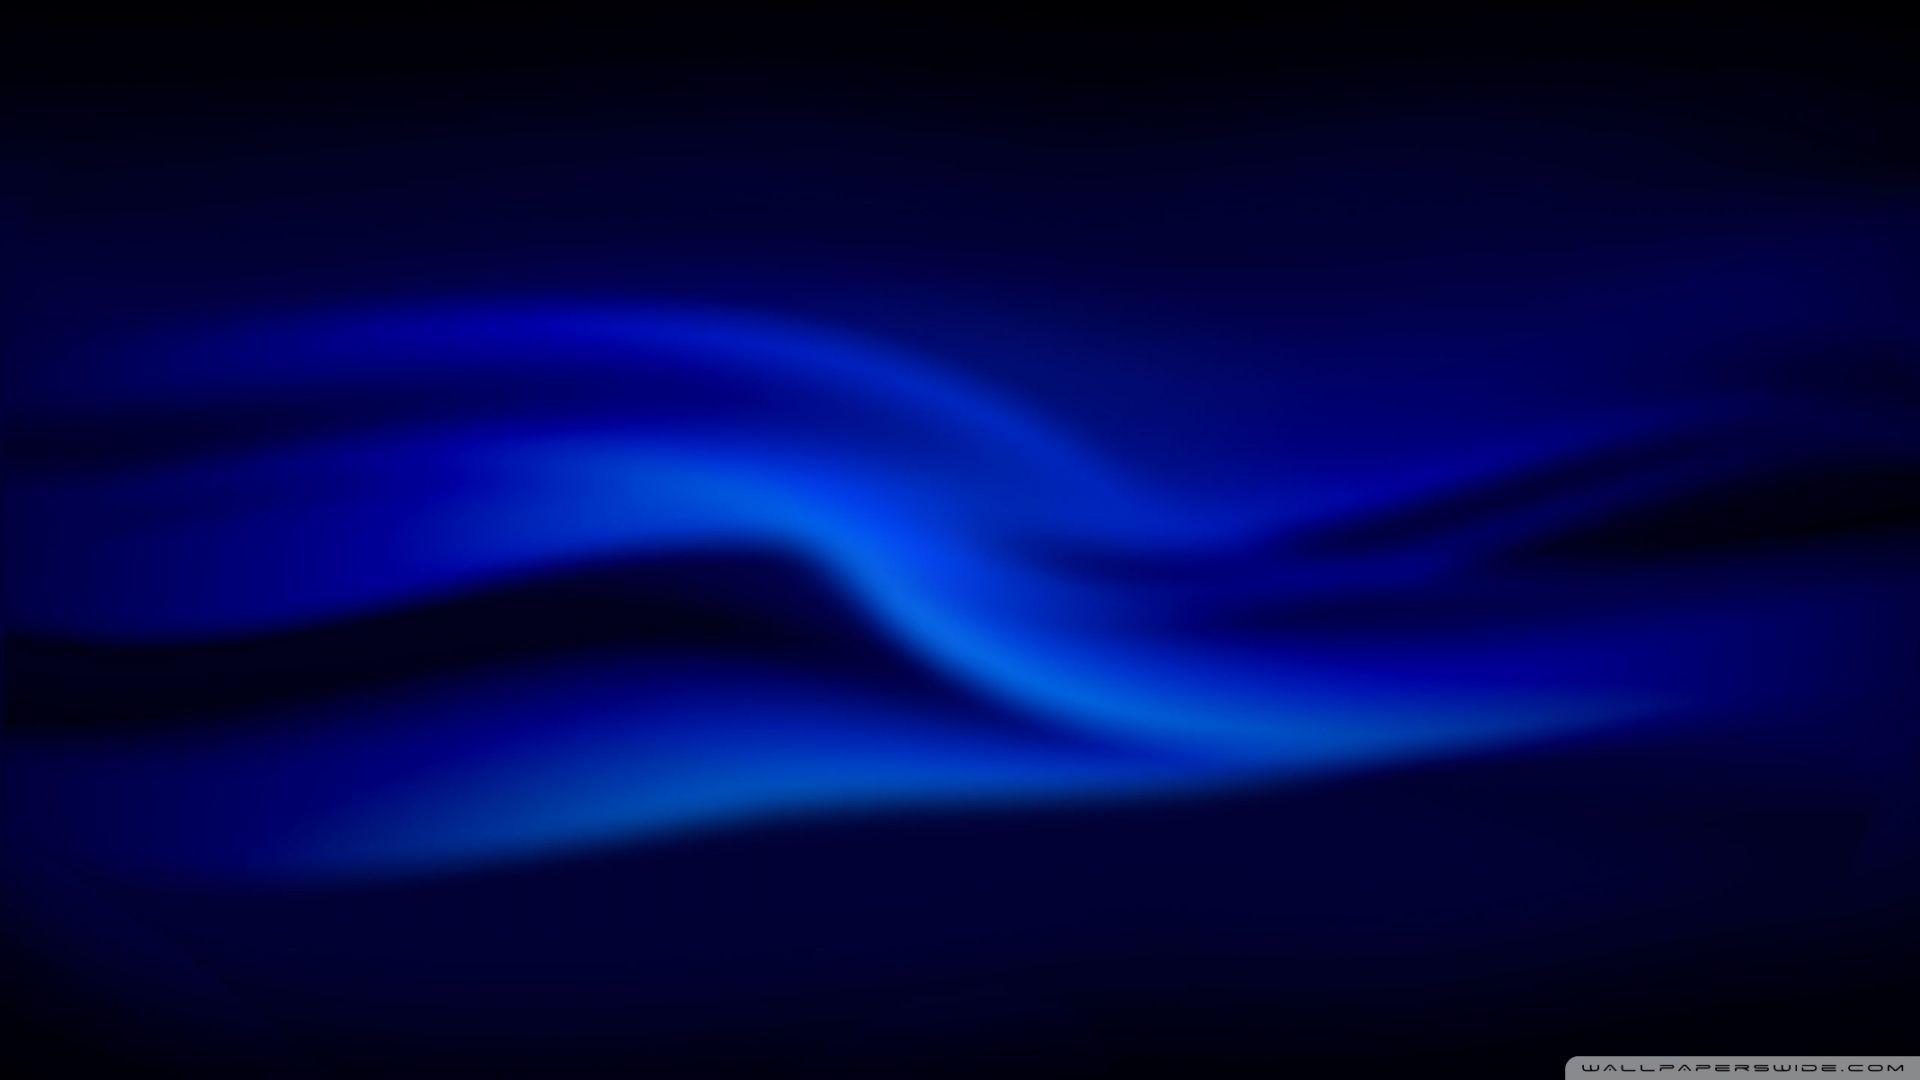 1920x1080 Plain Blue Wallpaper HD Group, Hình nền HD